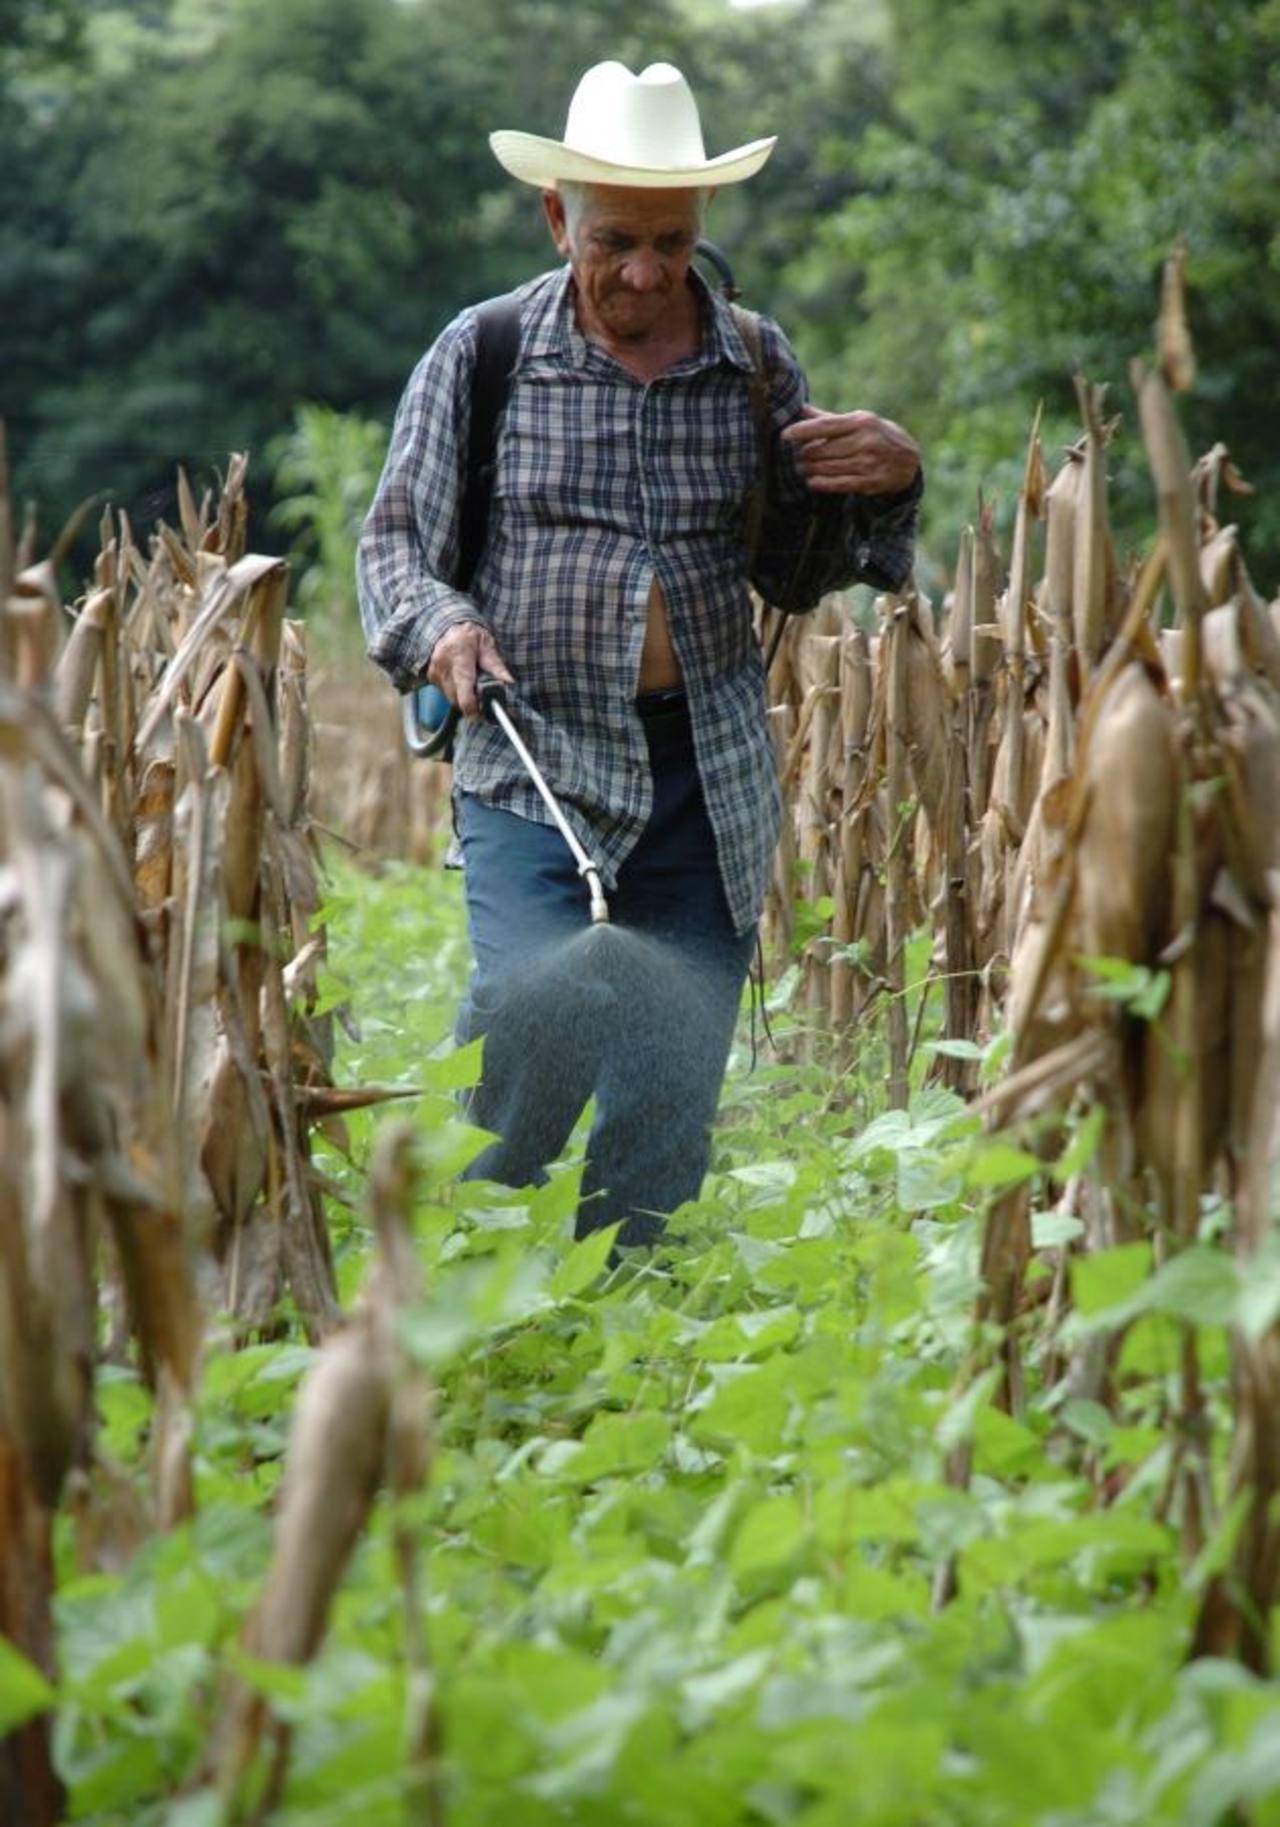 Los agroquímicos son utilizados para buscar obtener mejores rendimientos en la producción.